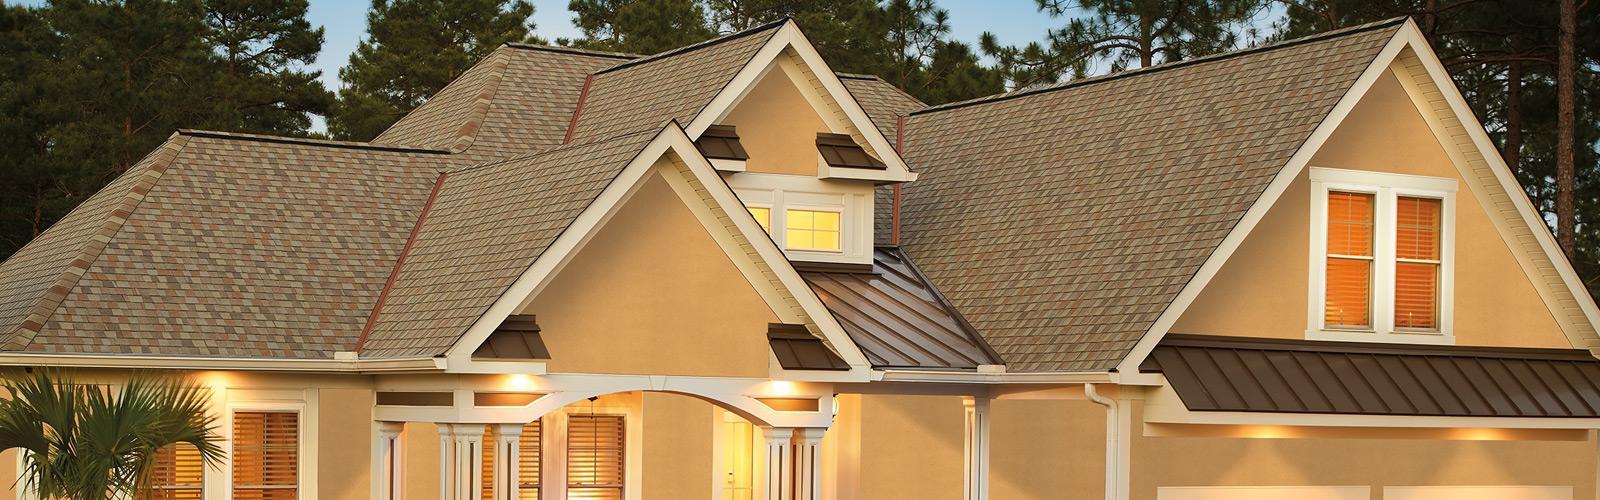 Home Elite Roofing Of Nashville